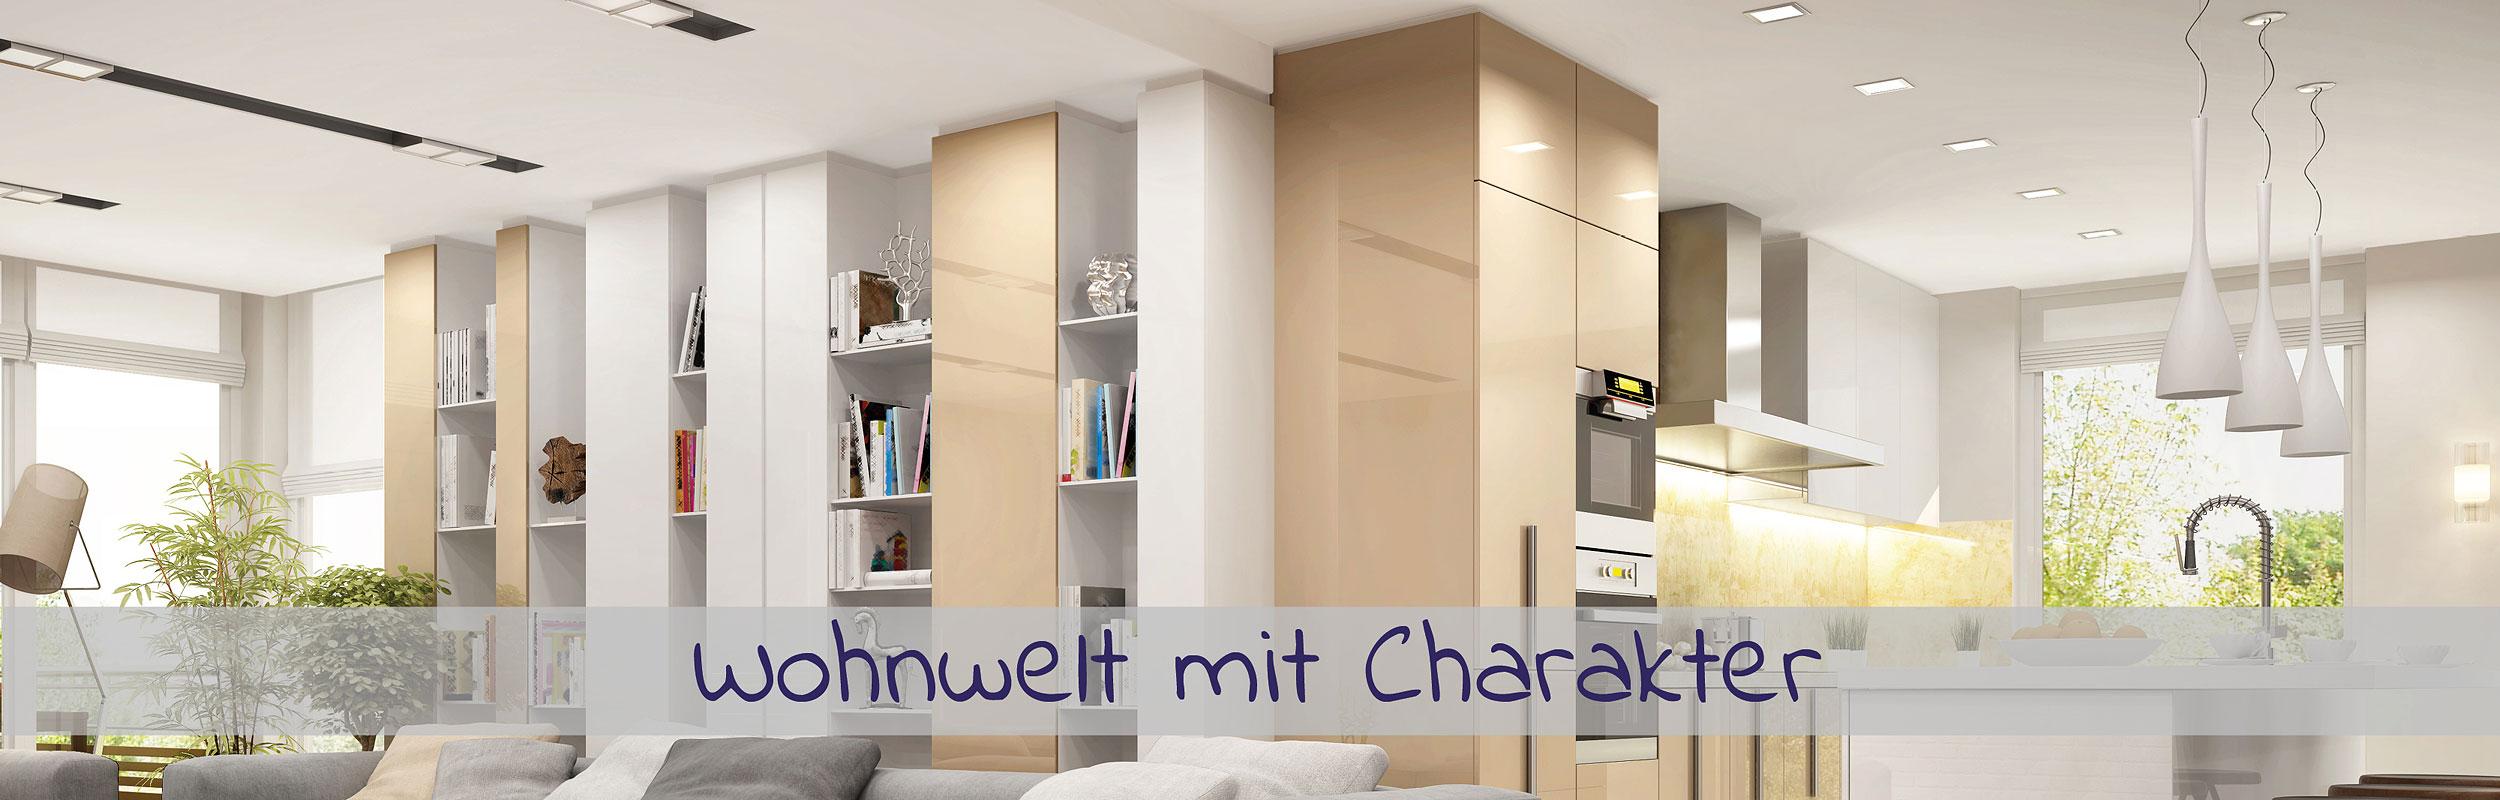 Wohnwelten mit Charakter - im Küchenland Auer